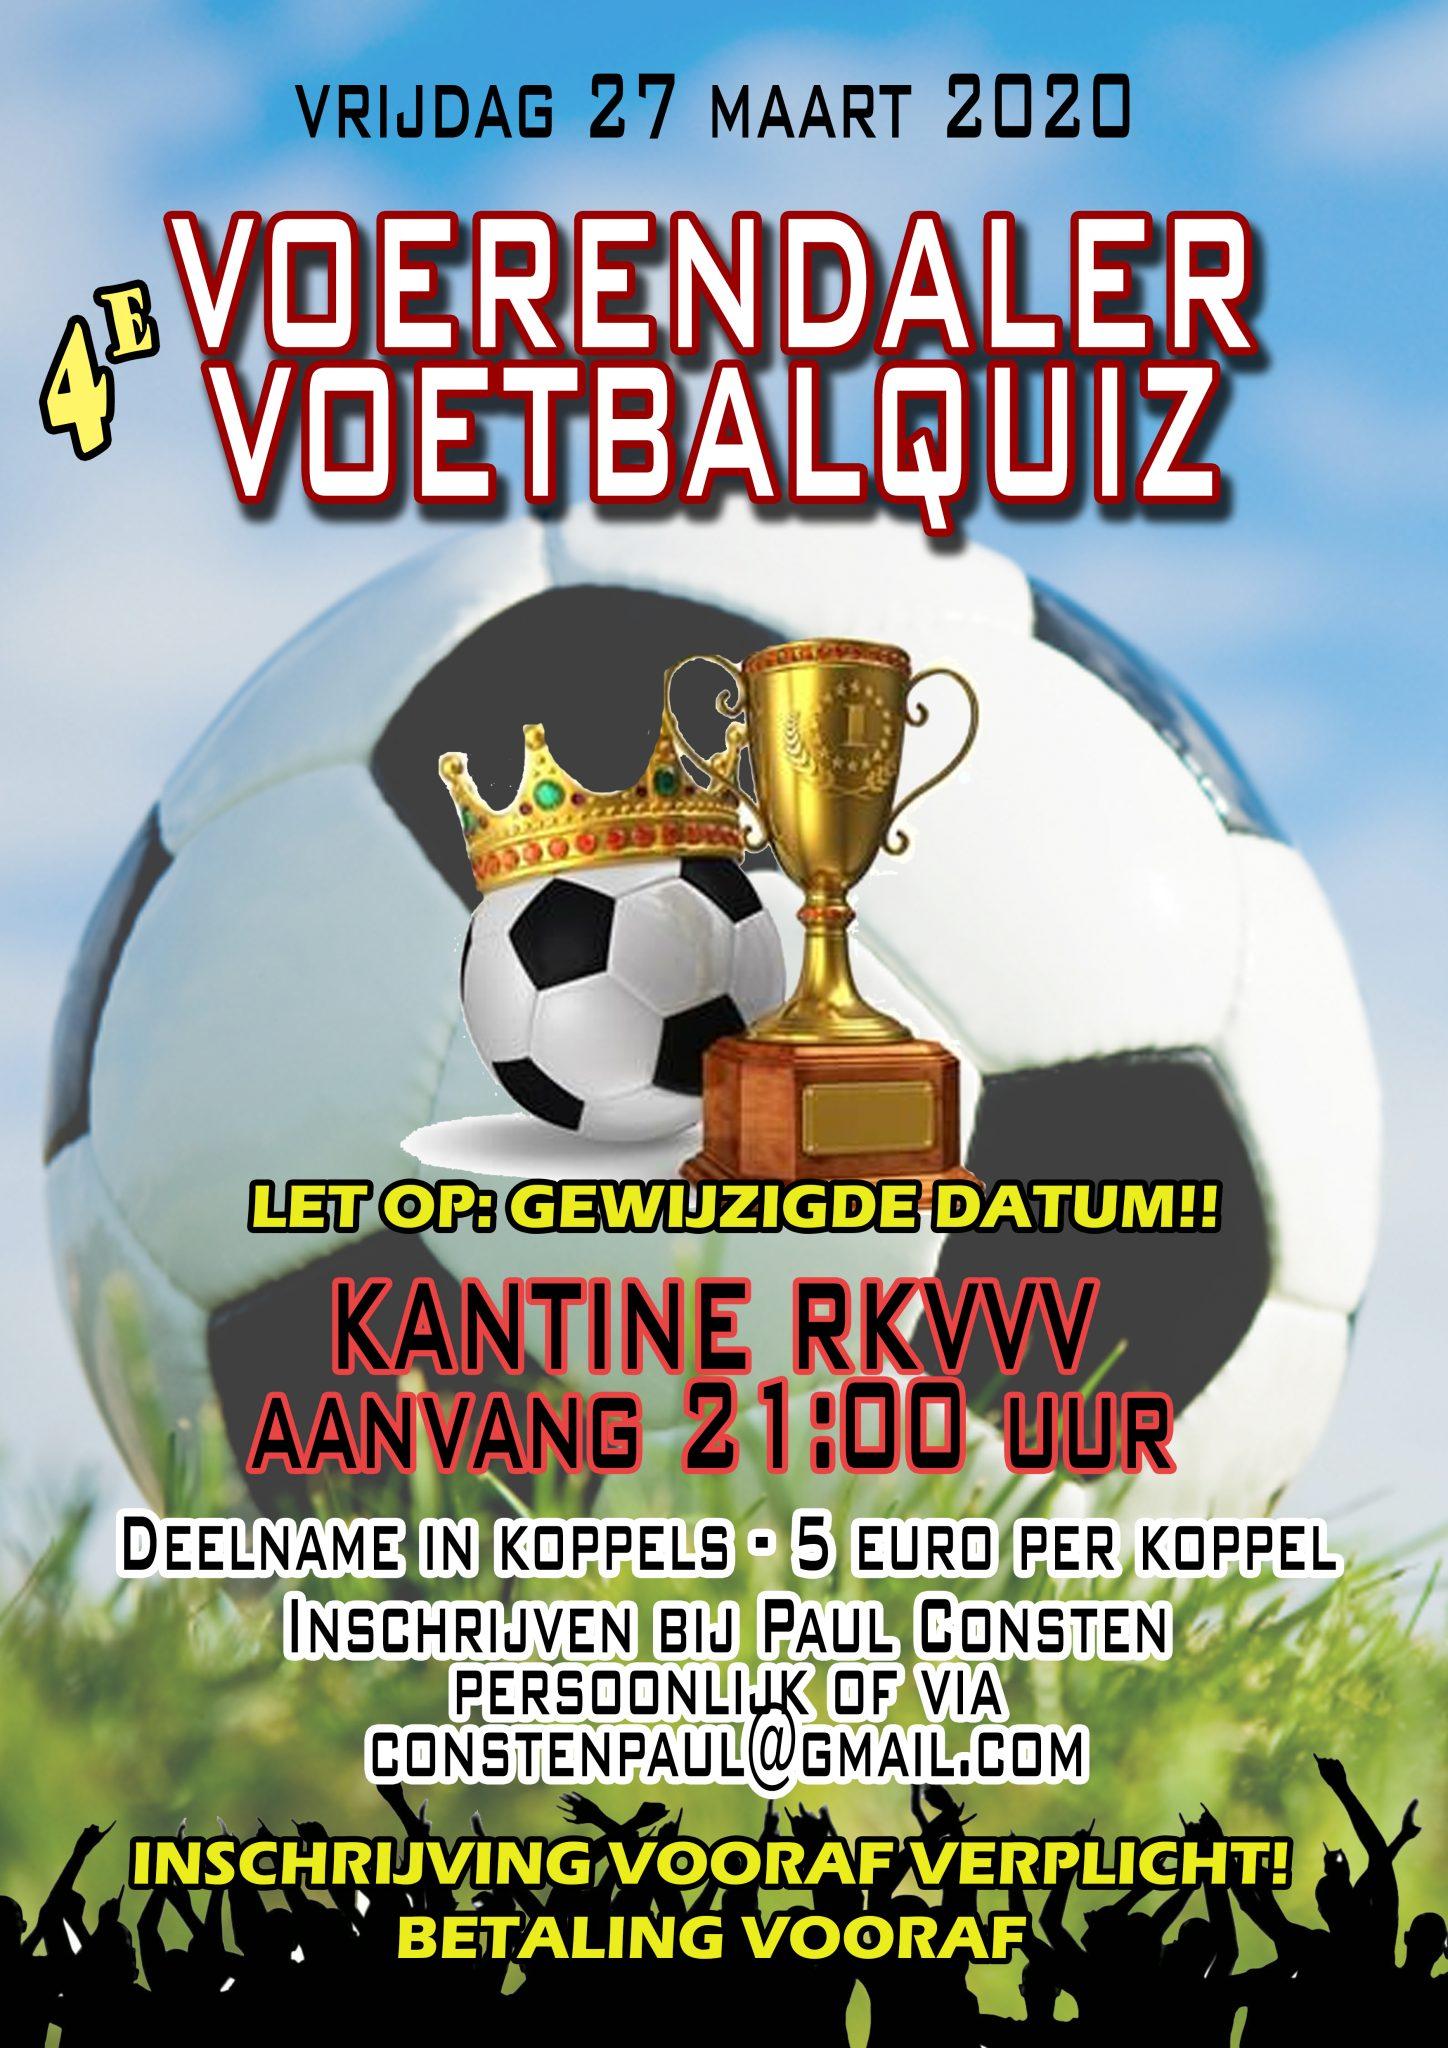 Voetbalquiz 27 maart